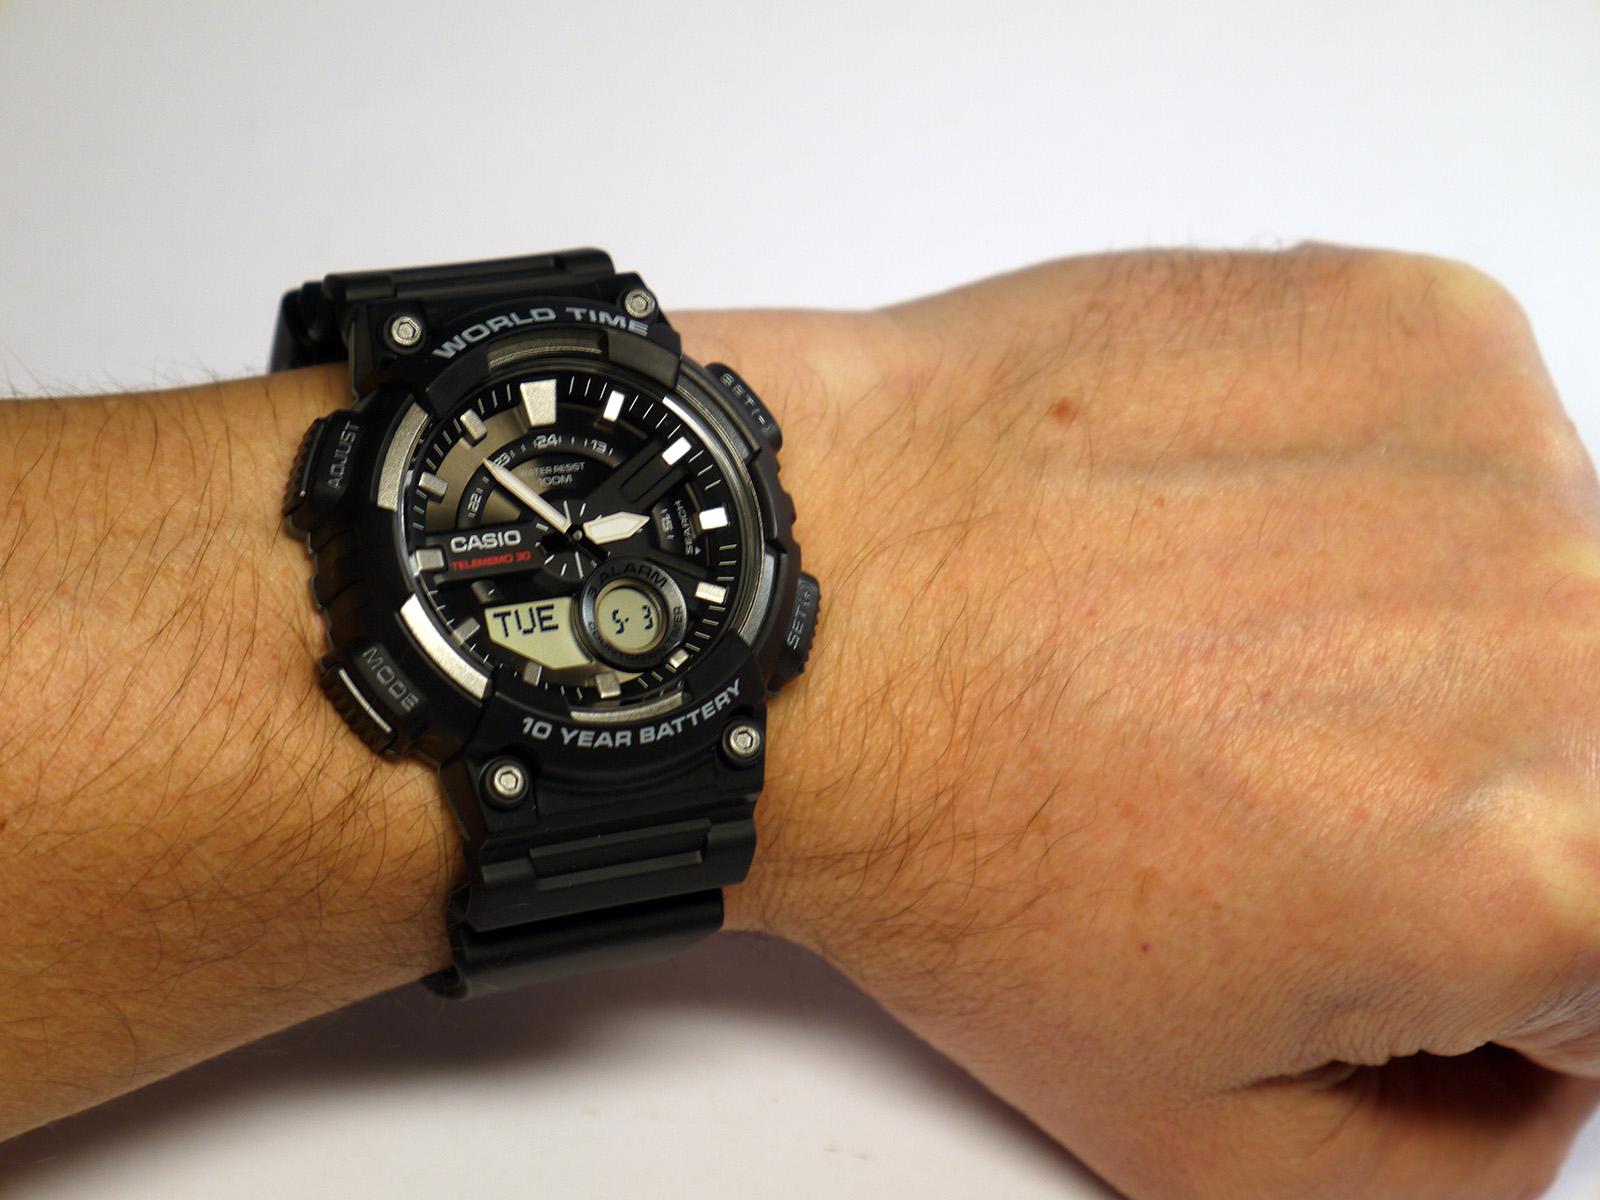 Casio Aeq 110w 1av Heavy Duty Watch ‹� High Quality Watch